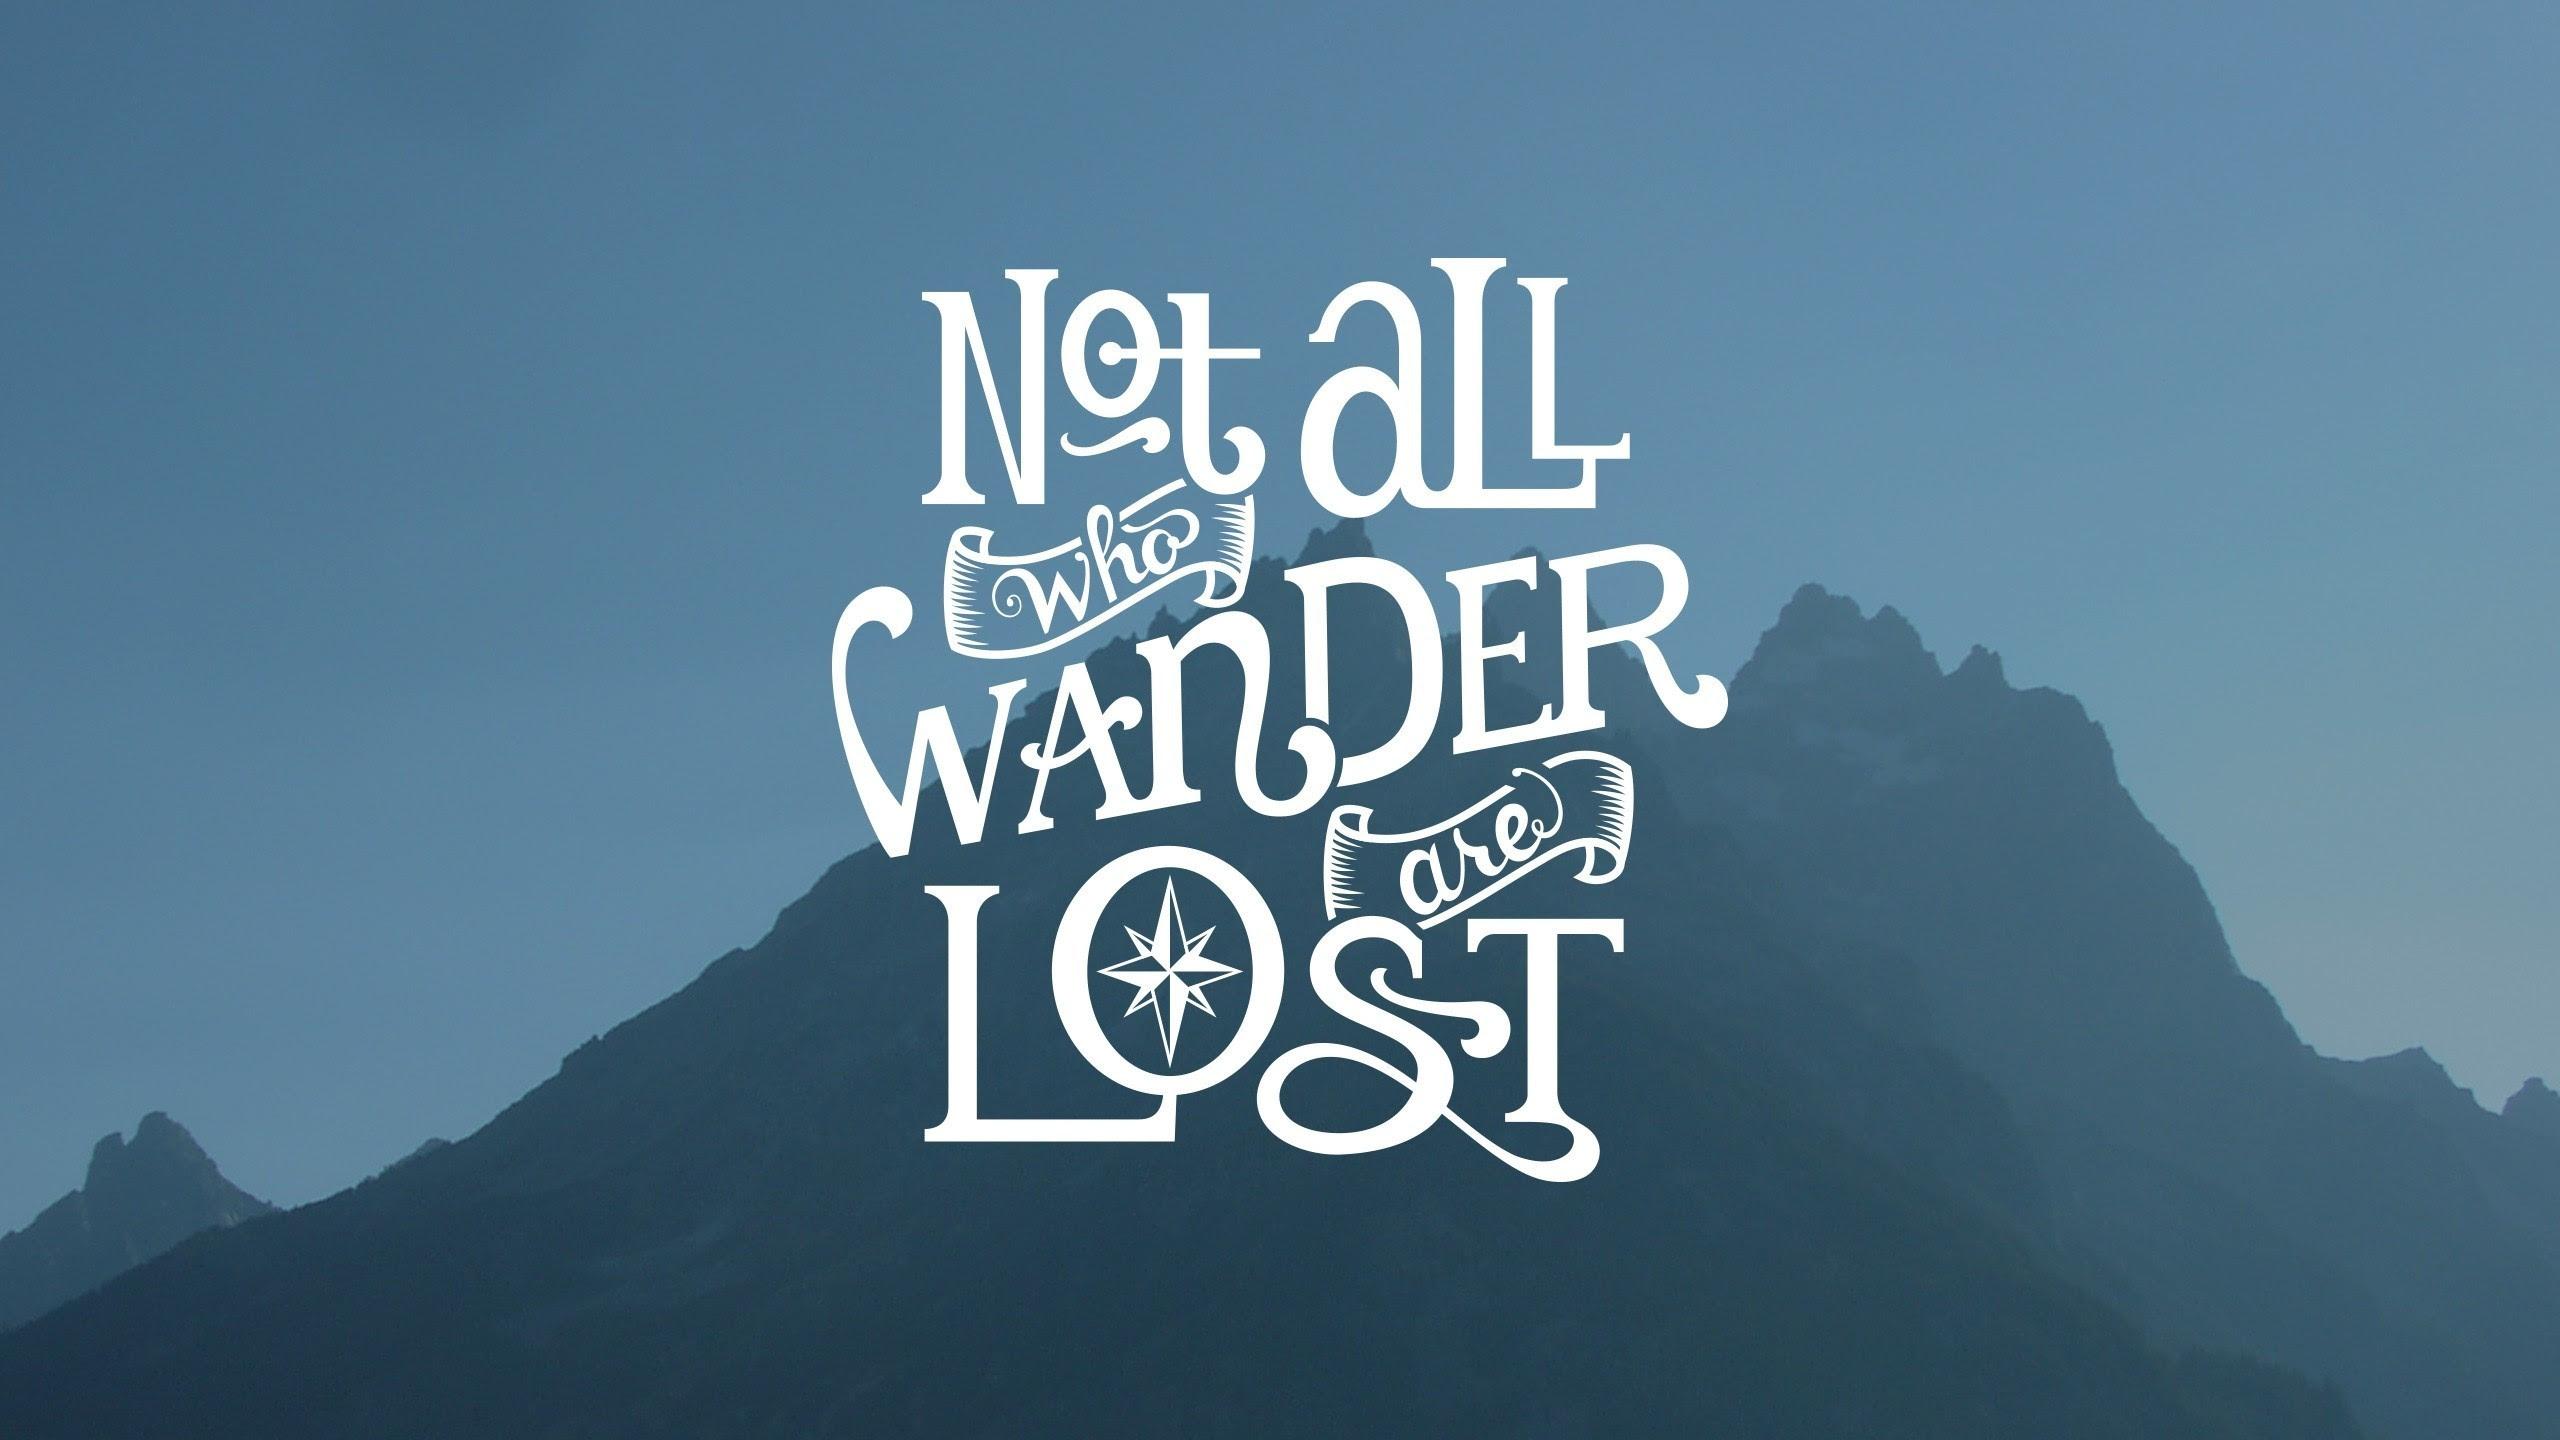 Hd Desktop Wallpapers Quotes